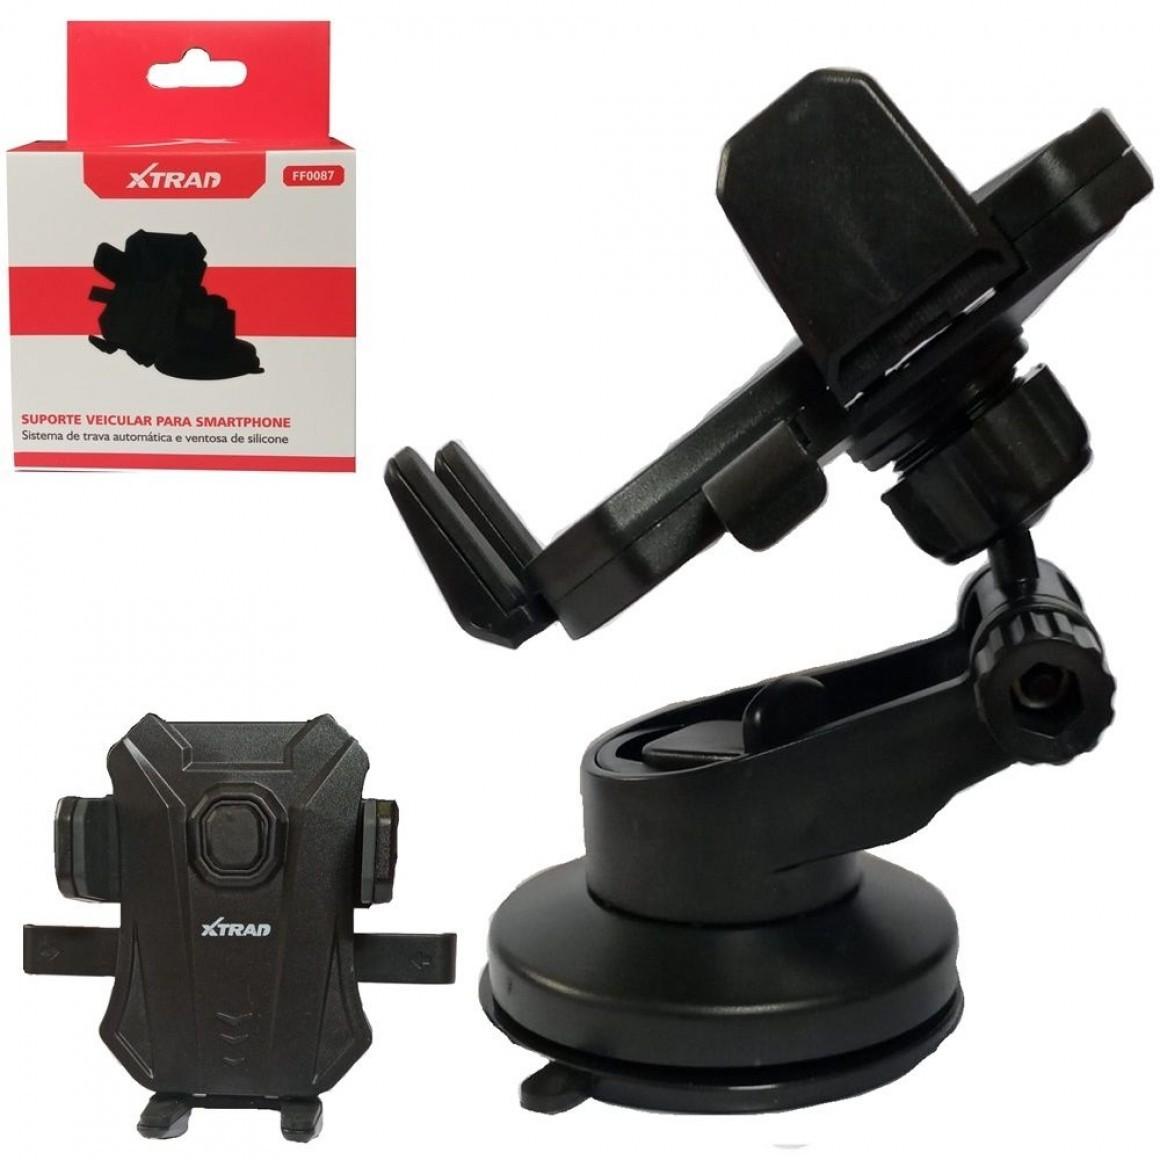 Suporte Veicular Celular Gps Ventosa Gruda Painel Xtrad